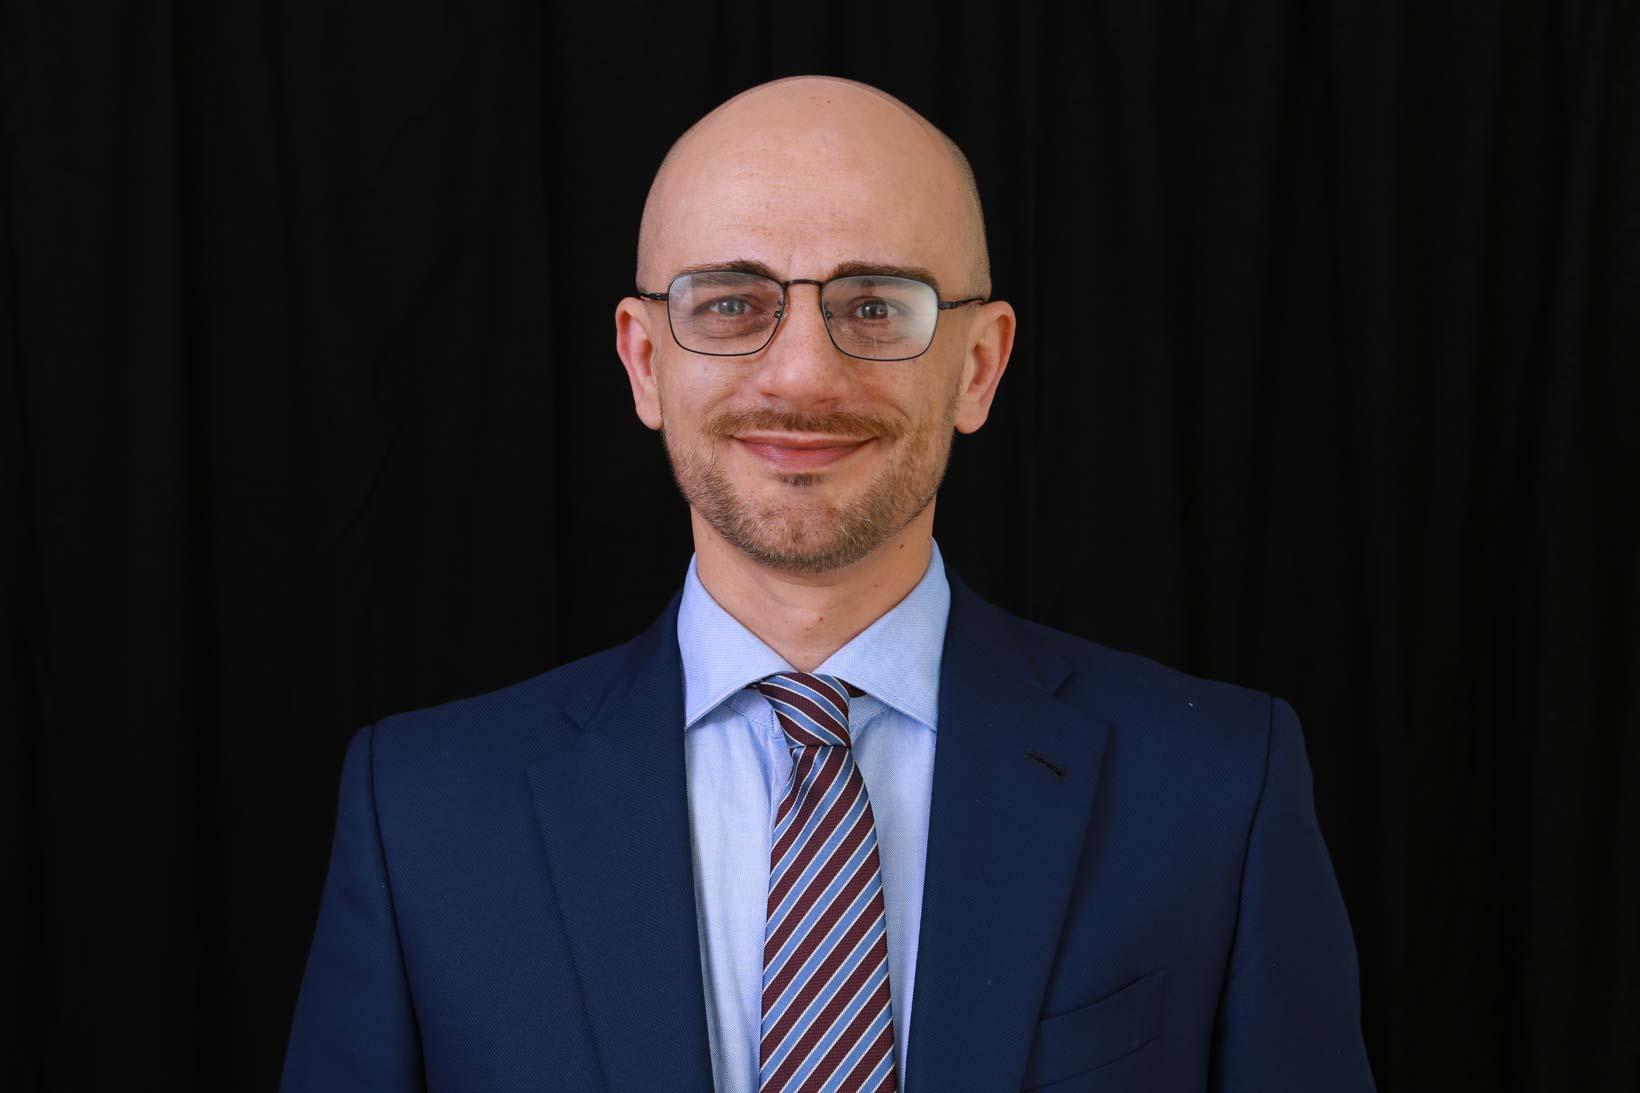 Chi sono: Luca De Santis, consulente SEO SEM per PMI